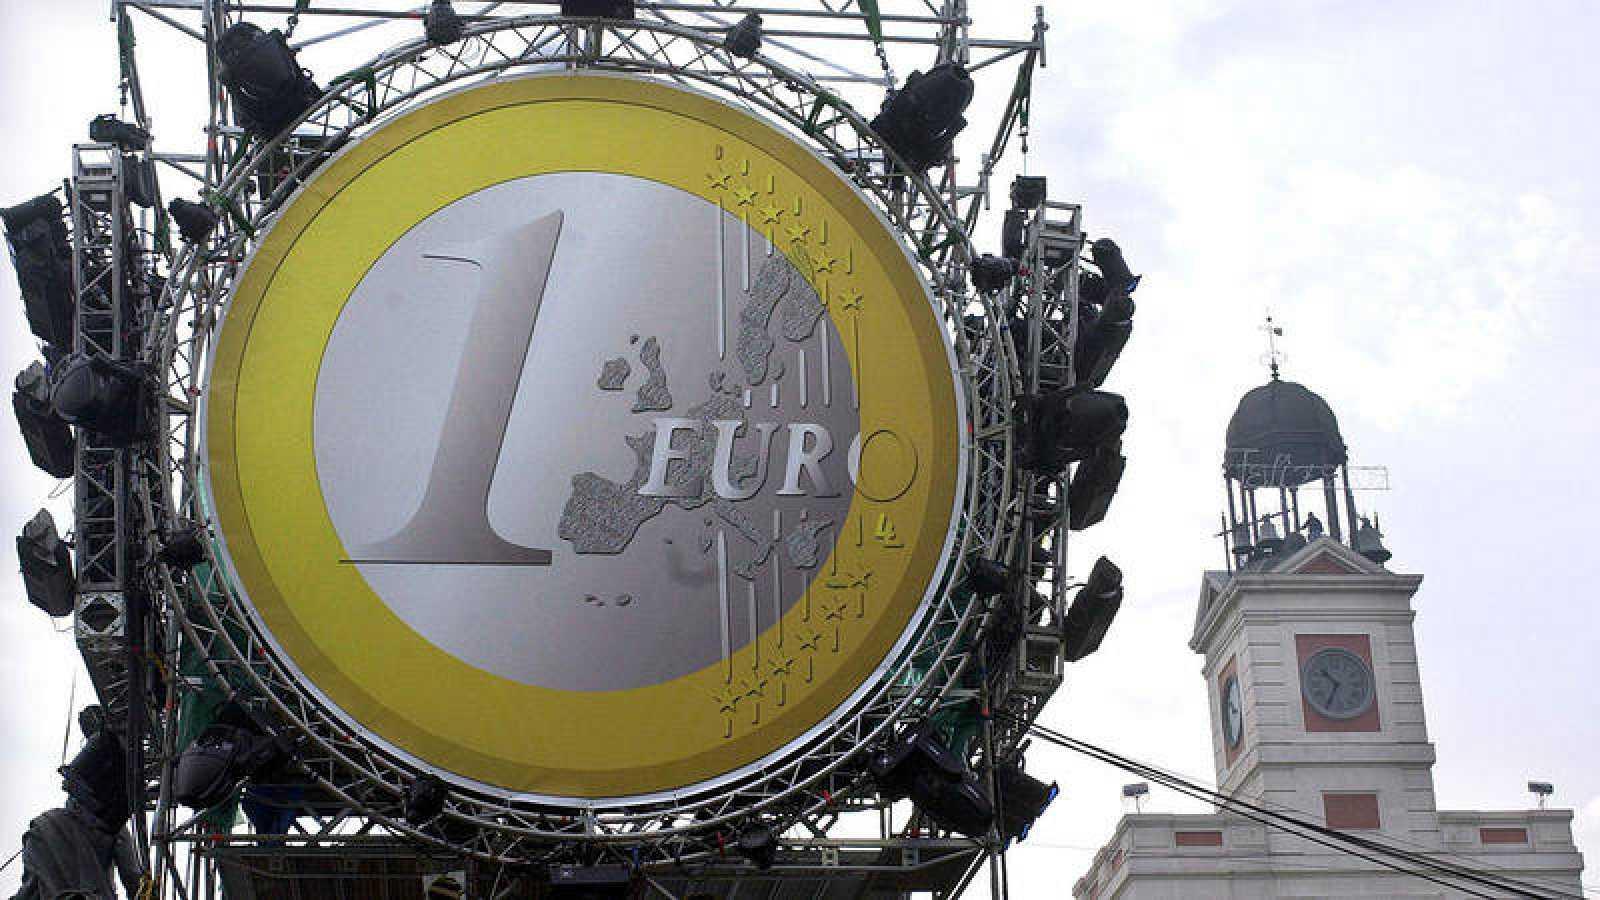 Un gran euro decoraba la madrileña Puerta del Sol ante la llegada de la divisa en el año 2002